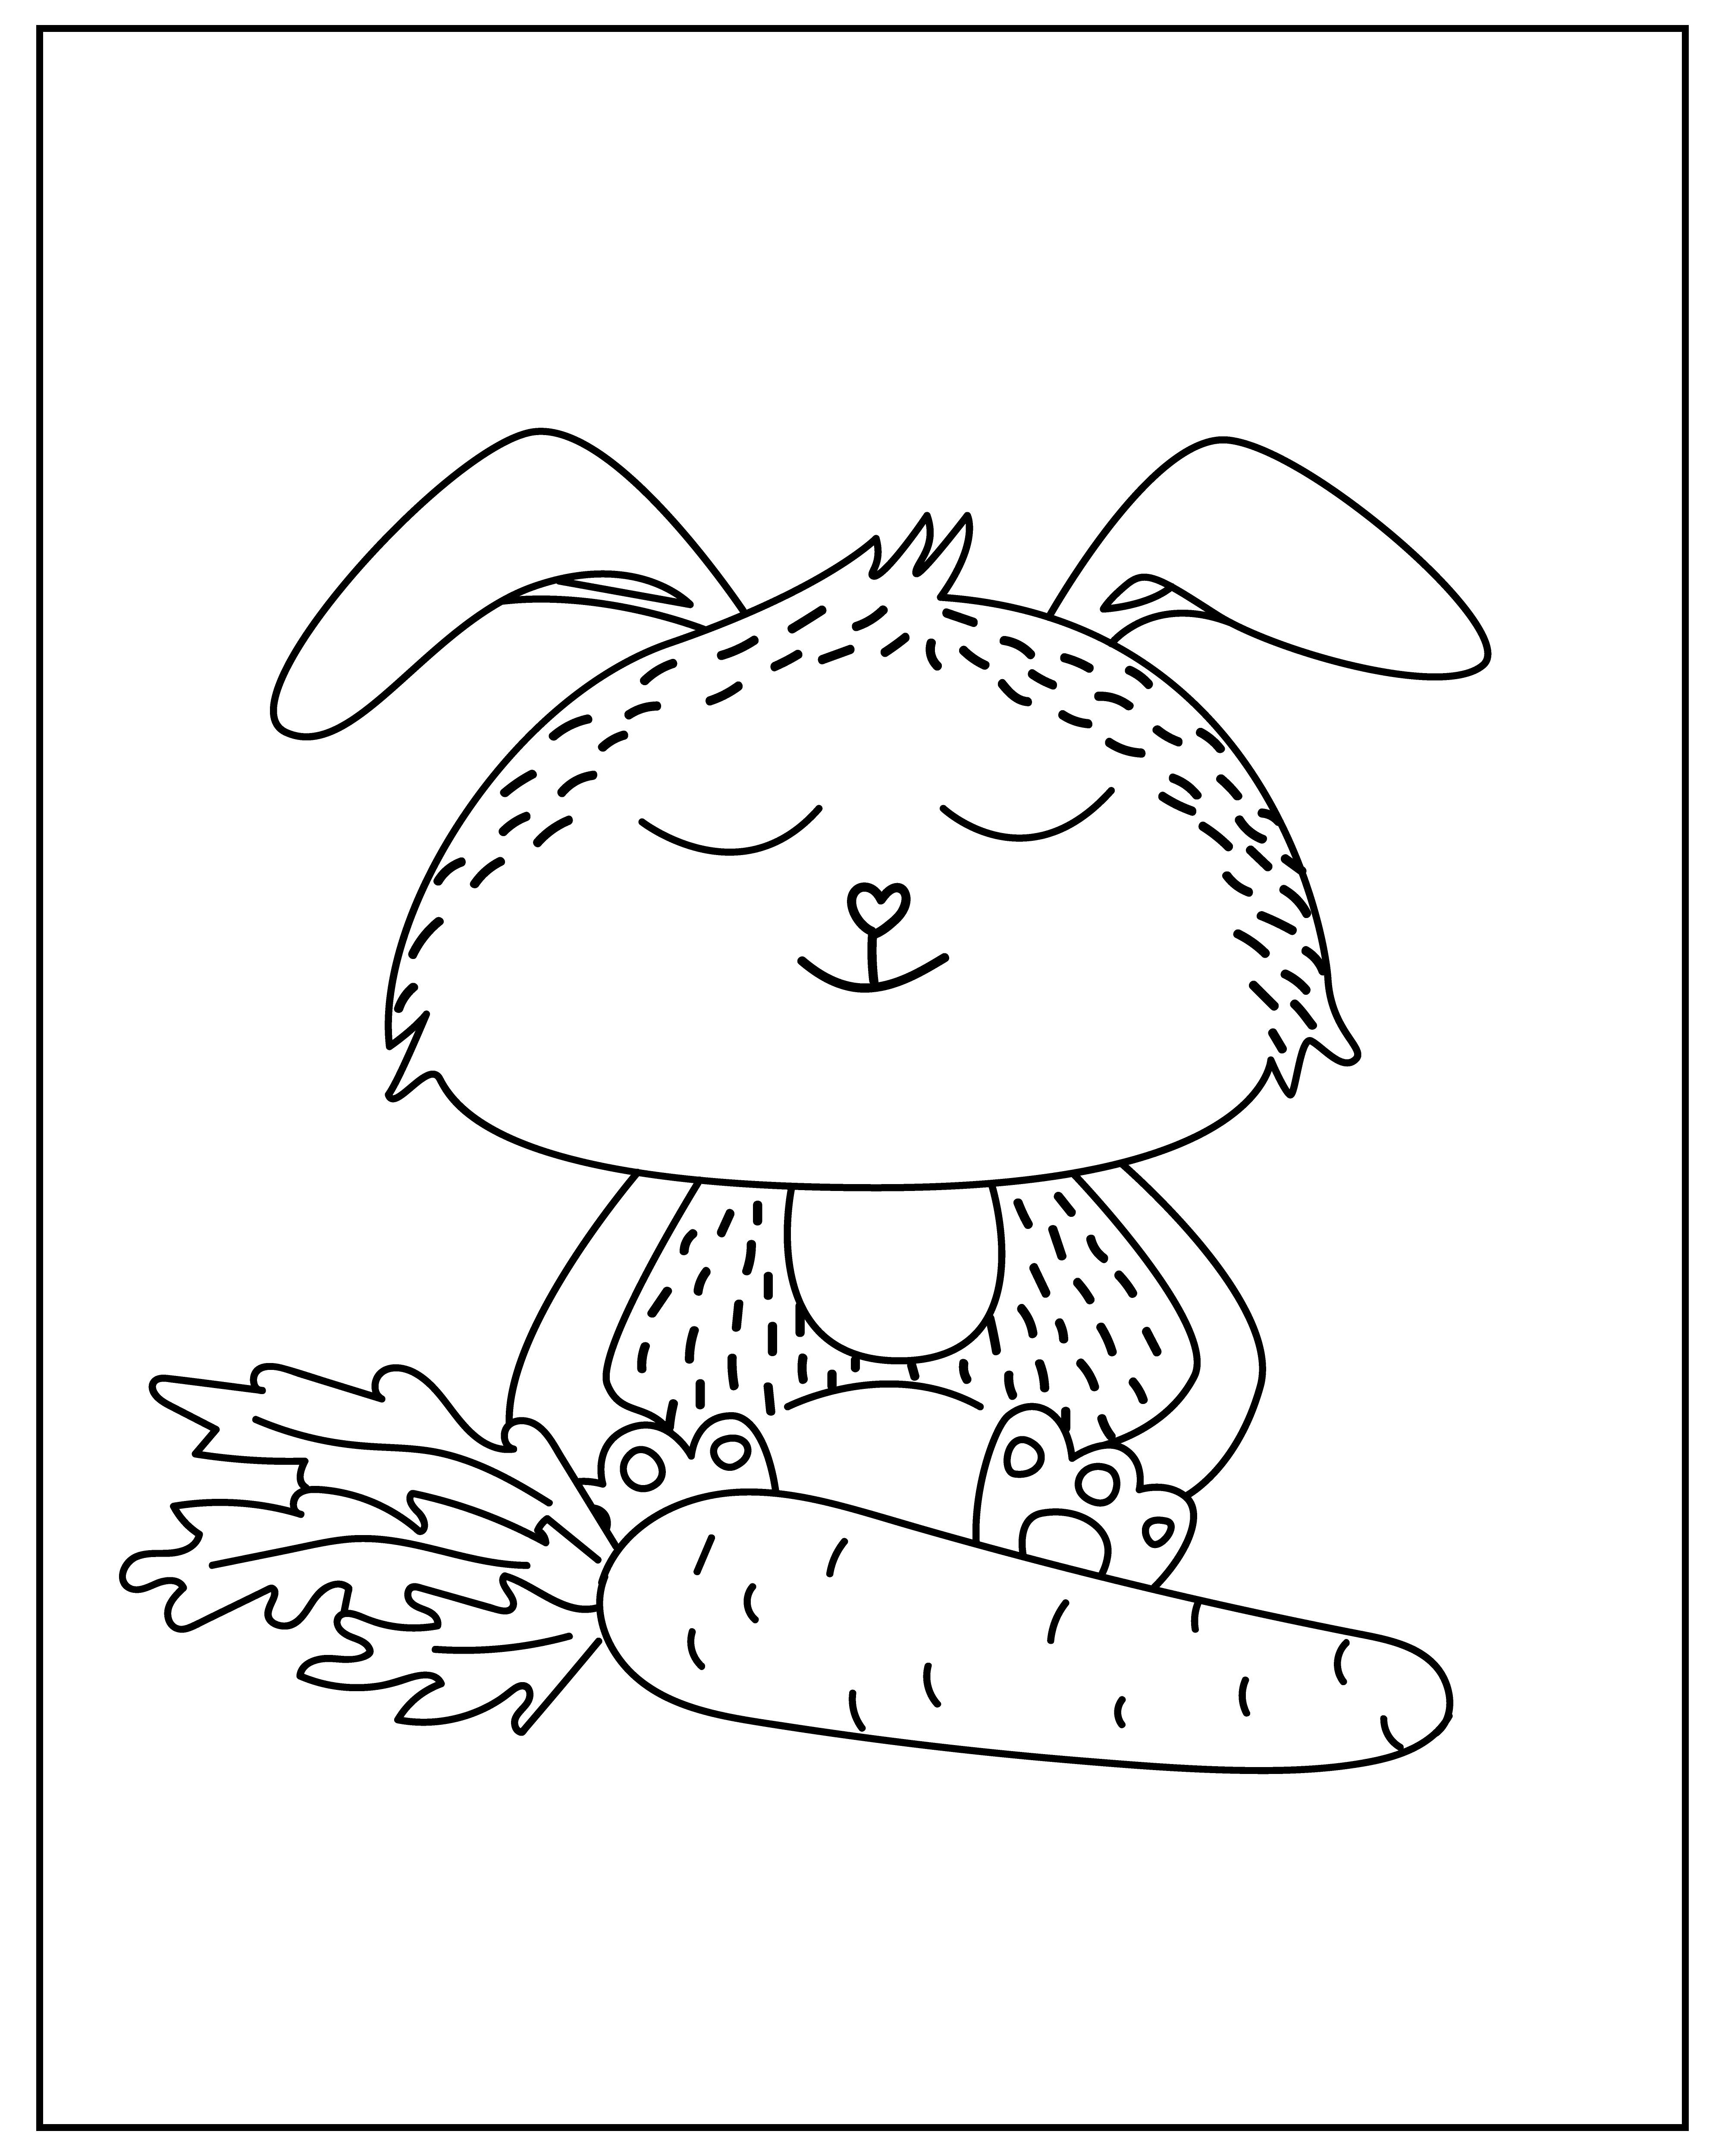 Kleurplaten Dieren Konijn Coloring And Drawing